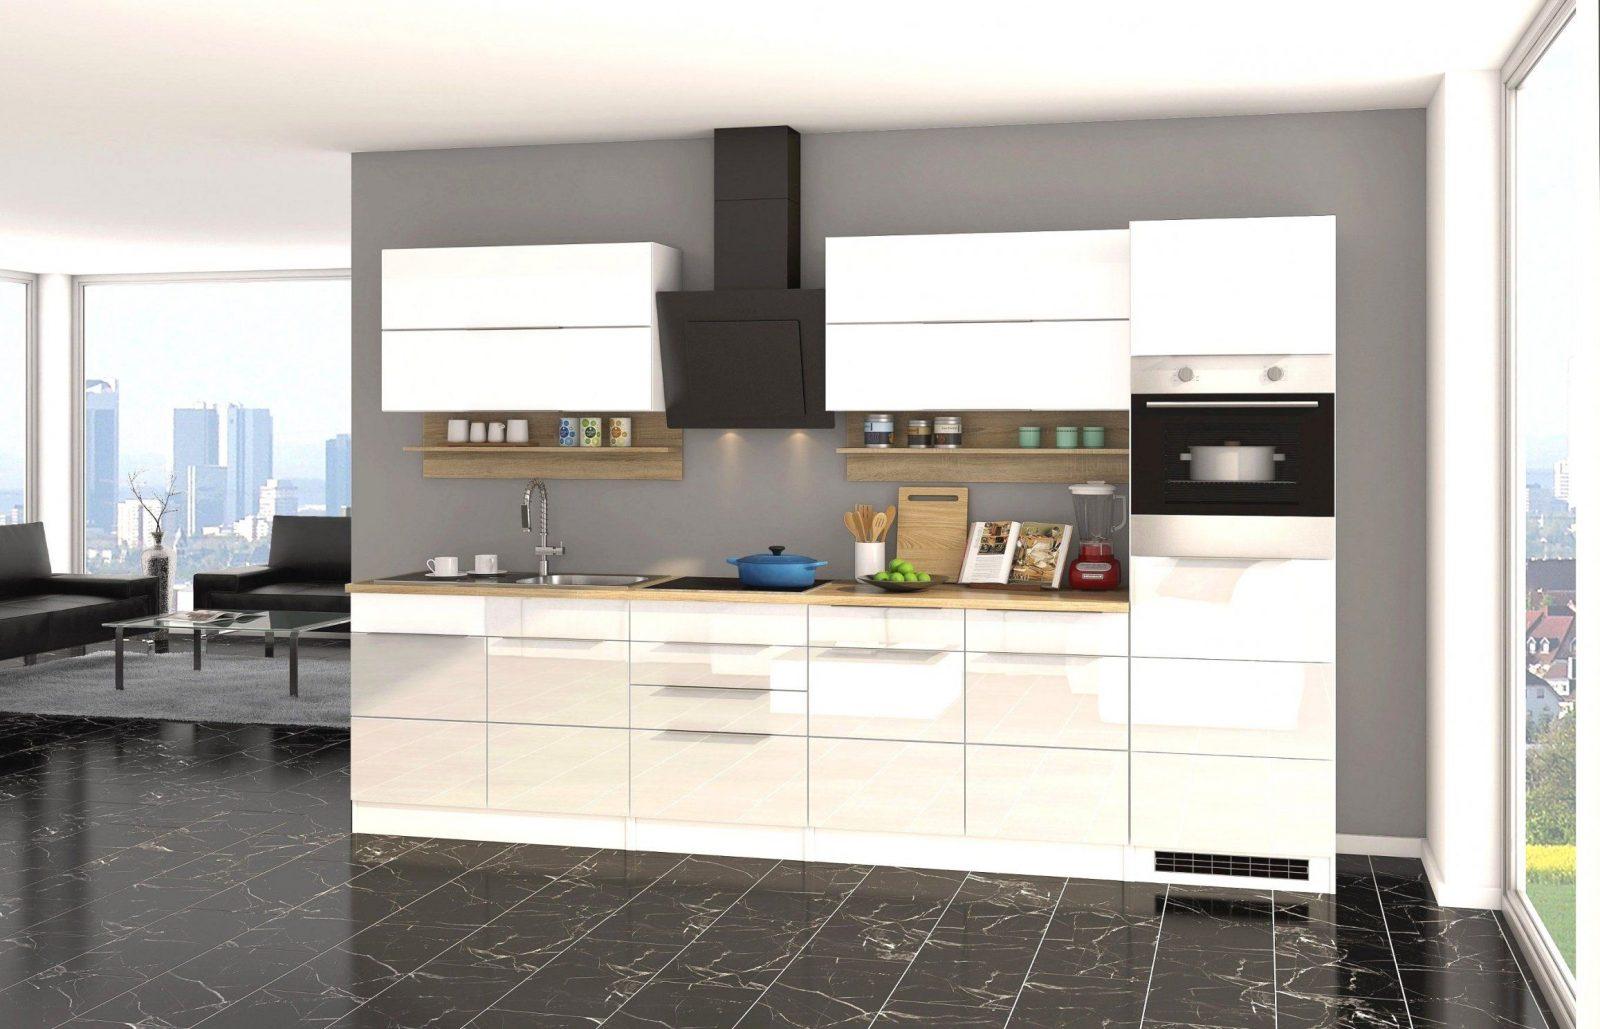 Küchen Günstig Mit E Geräten Beste Küchen Unterschrank Beleuchtung K von Küchen Günstig Mit E Geräten Photo